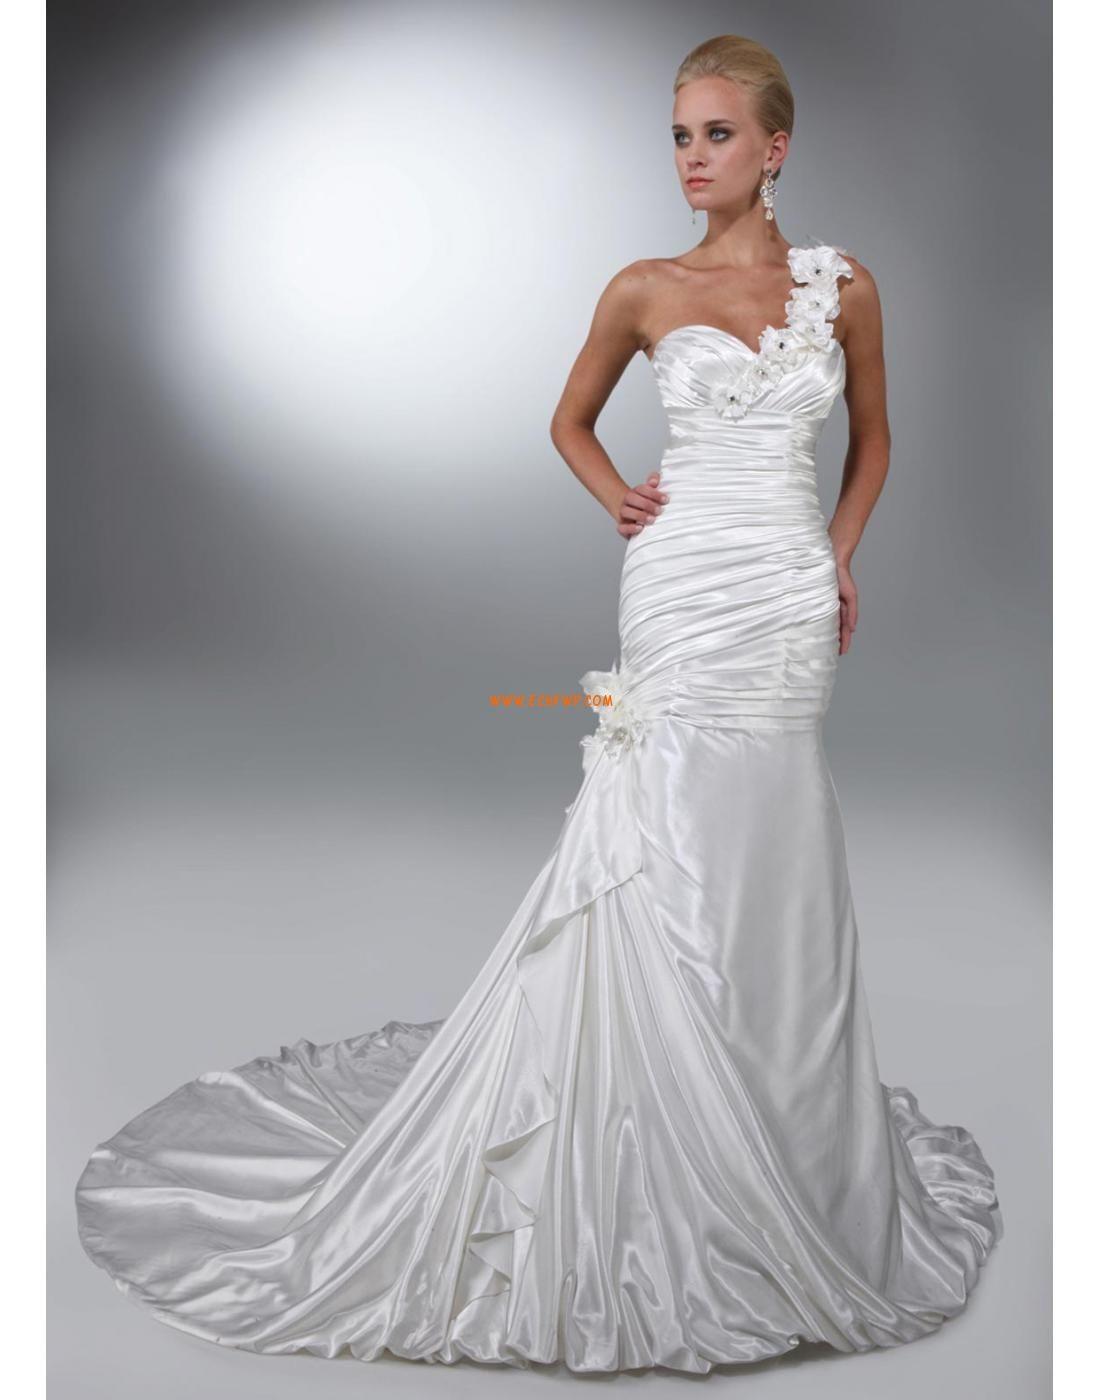 Natural wedding dresses  En Skulder Blomster Blondér Bryllupskjoler   drømme